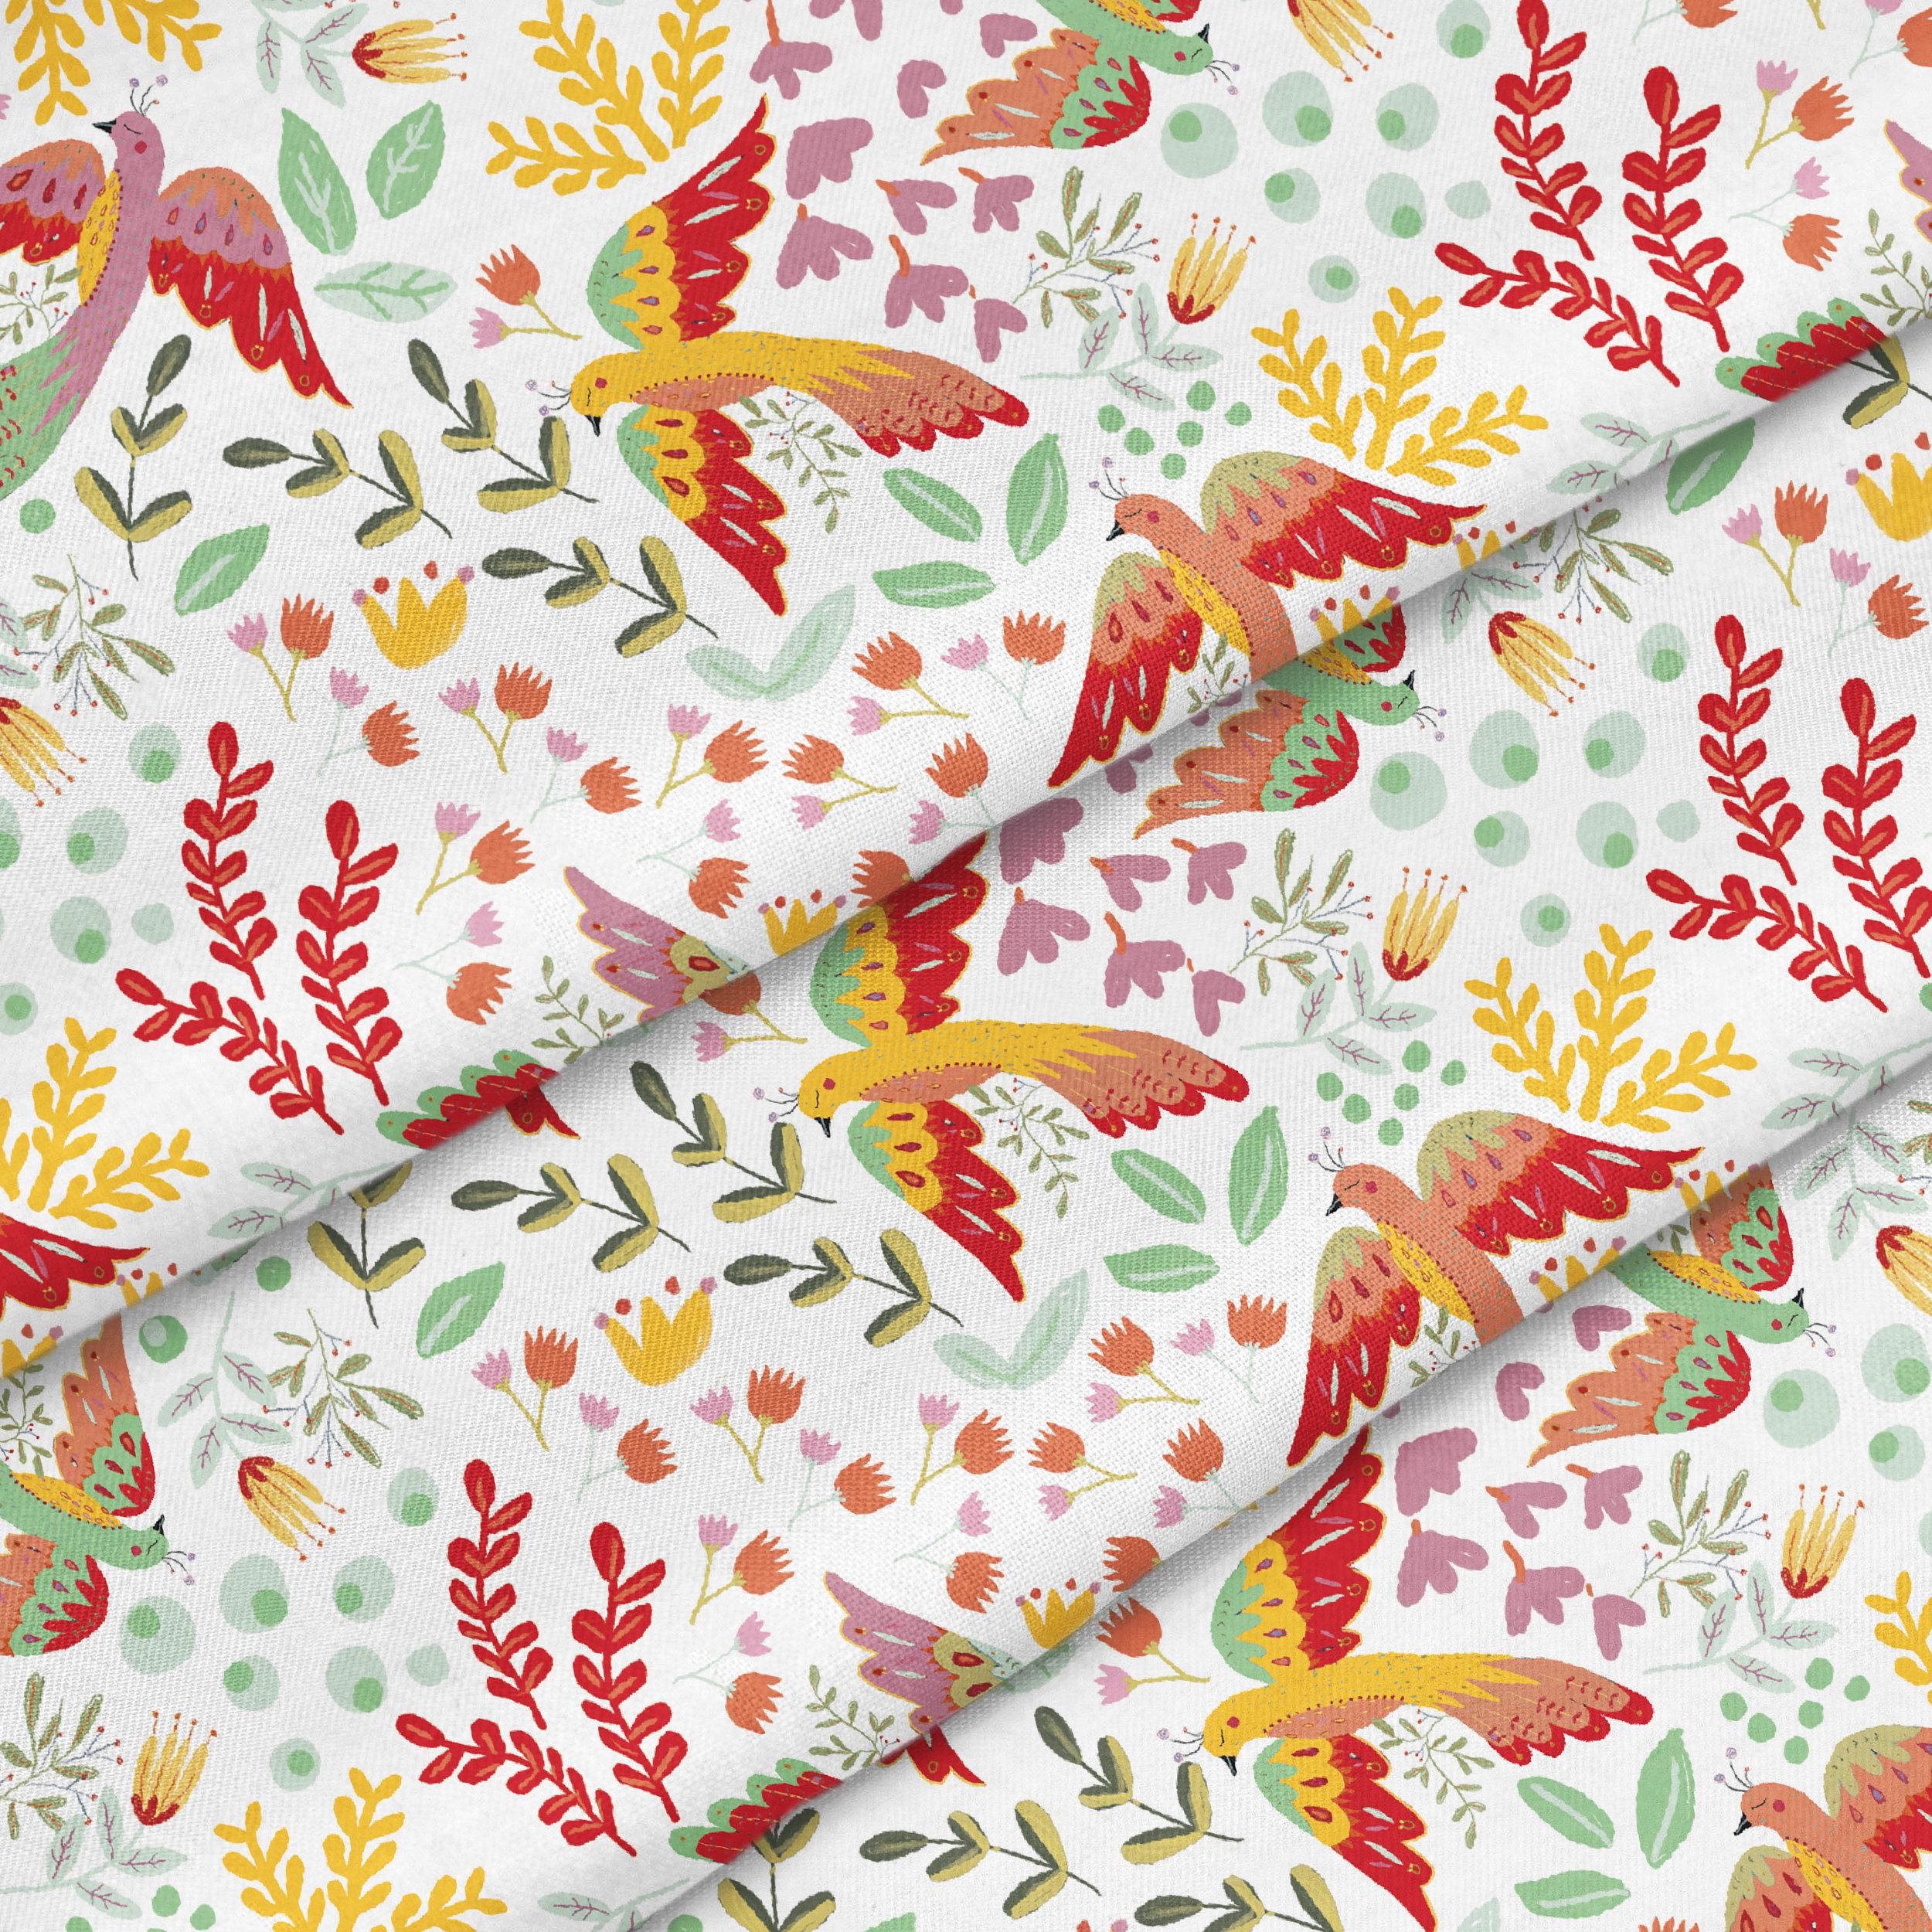 folk birds fabric sample.jpg